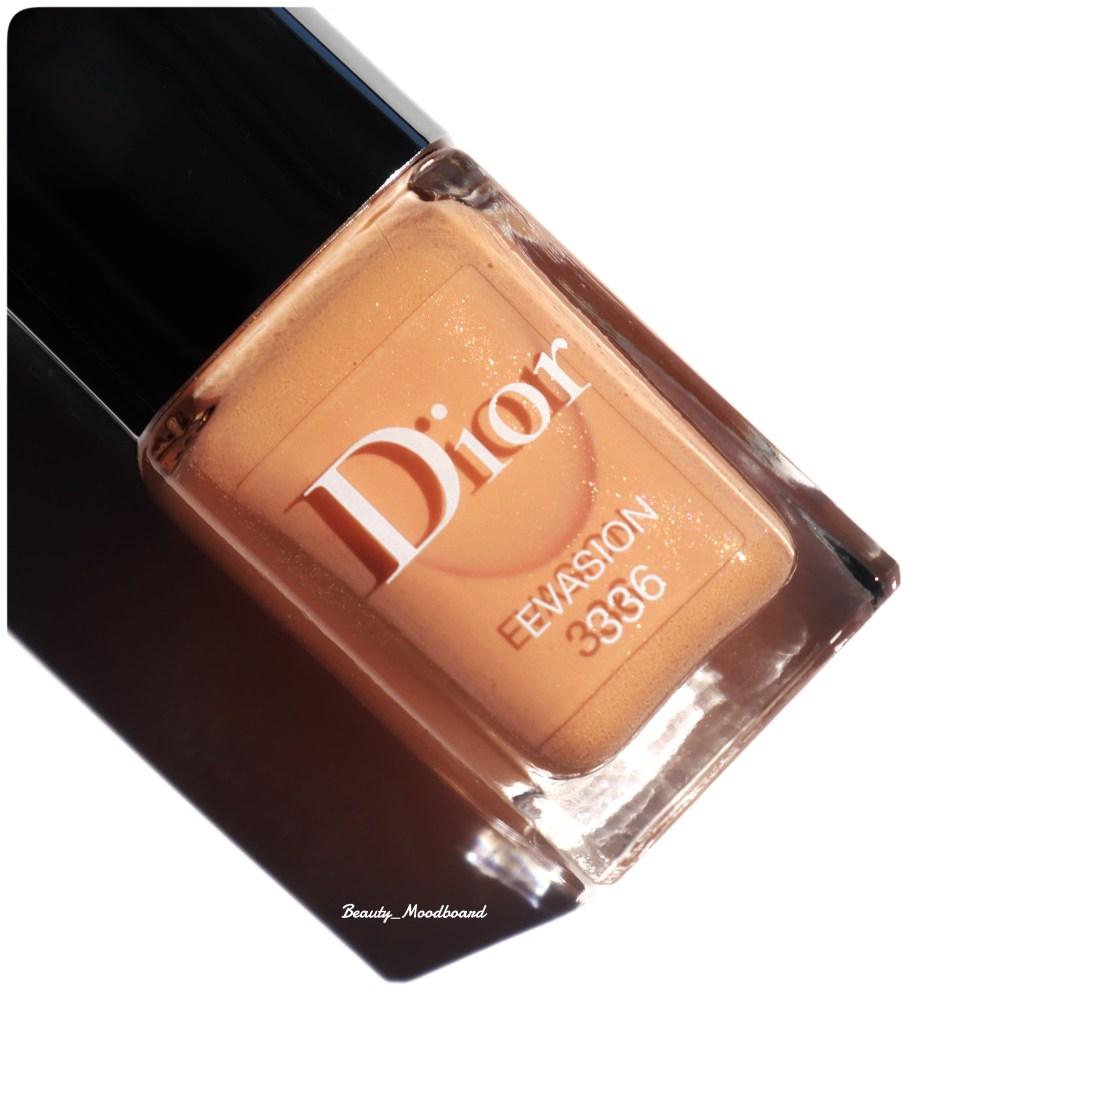 Vernis Dior corail pastel Evasion 336